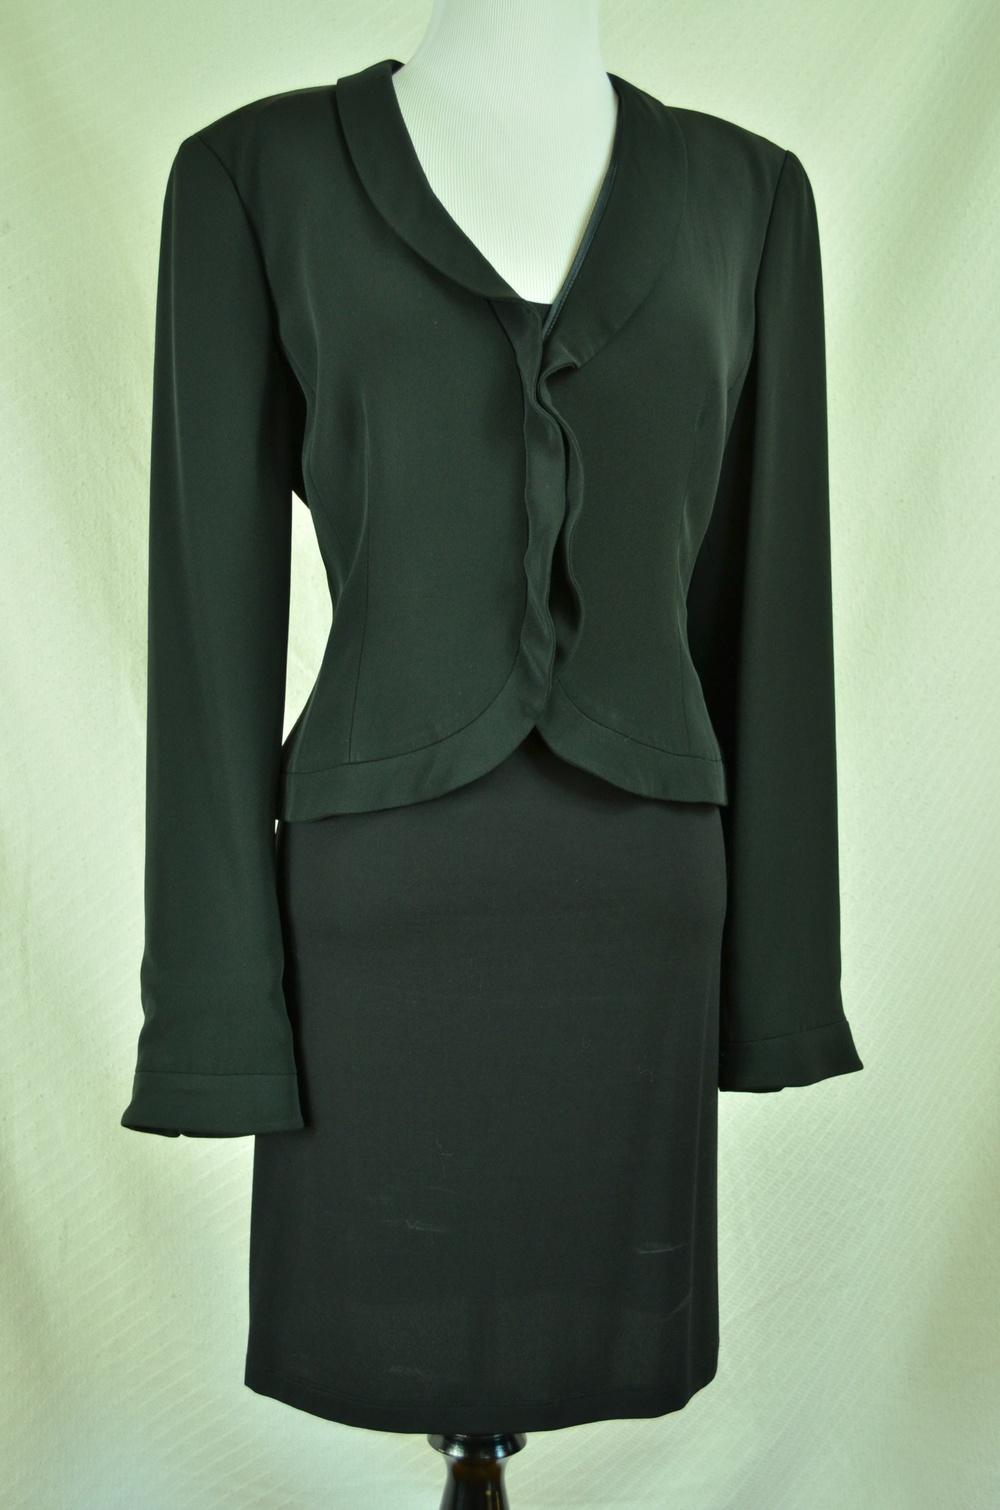 39. Armani Collezioni Black Jacket